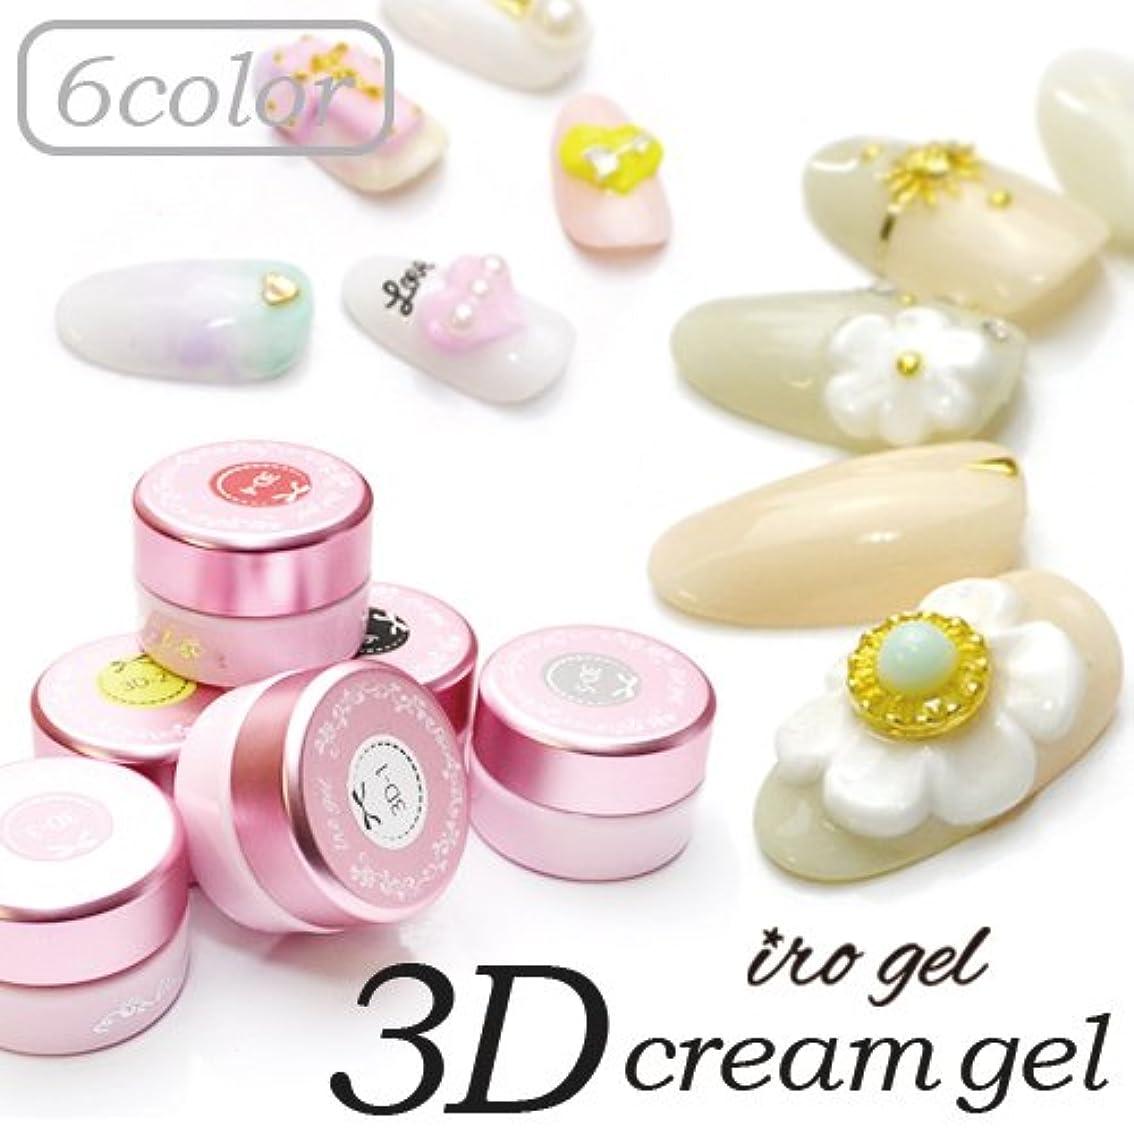 アラブサラボできる固体3D irogel(イロジェル)クリームジェル「1 ホワイト」3Dジェルネイル